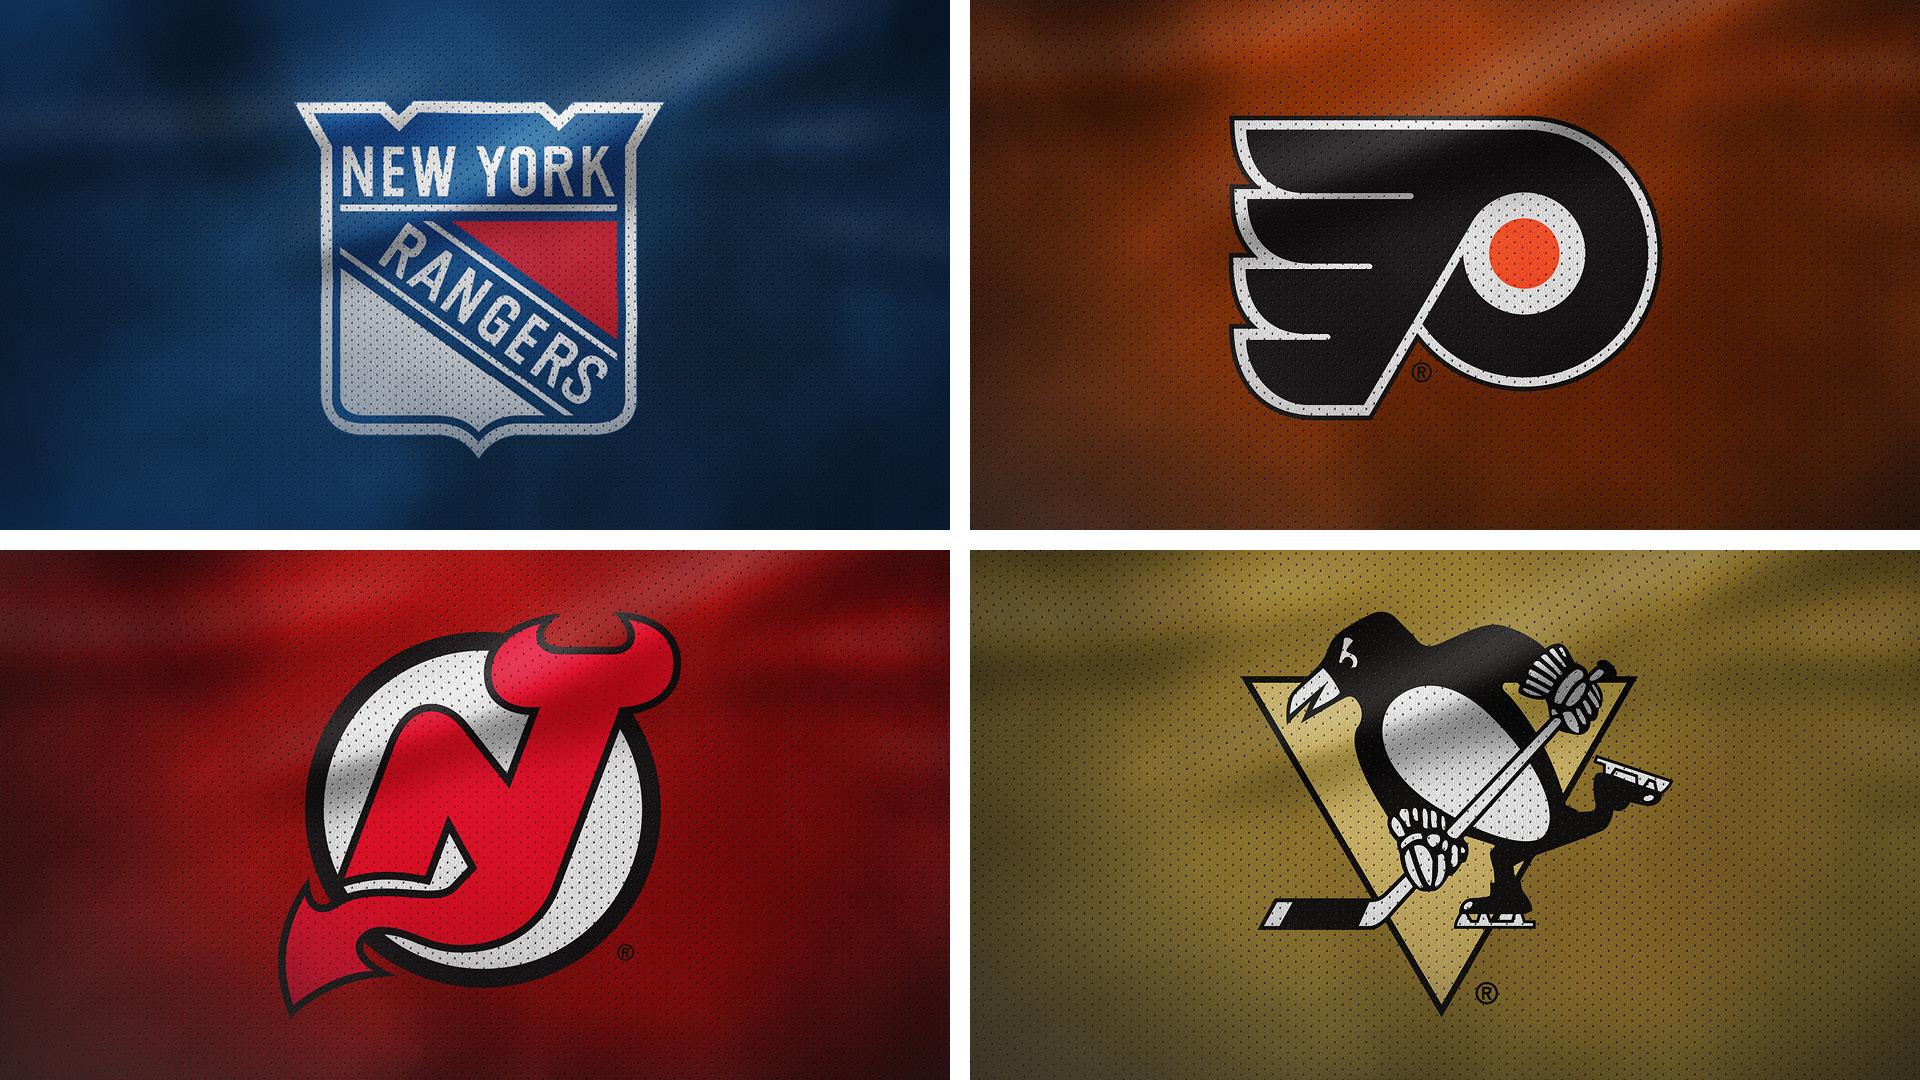 """Rivalmöten - Klubbens största rival är så klart New York Rangers och de klassiska """"The Battle of New York""""-mötena. New Jersey Devils är en annan av klubbens rivaler - vilket inte är så konstigt med tanke på det korta avståndet mellan klubbarna. Andra kända rivalmöten är med Philadelphia Flyers och Pittsburgh Penguins."""